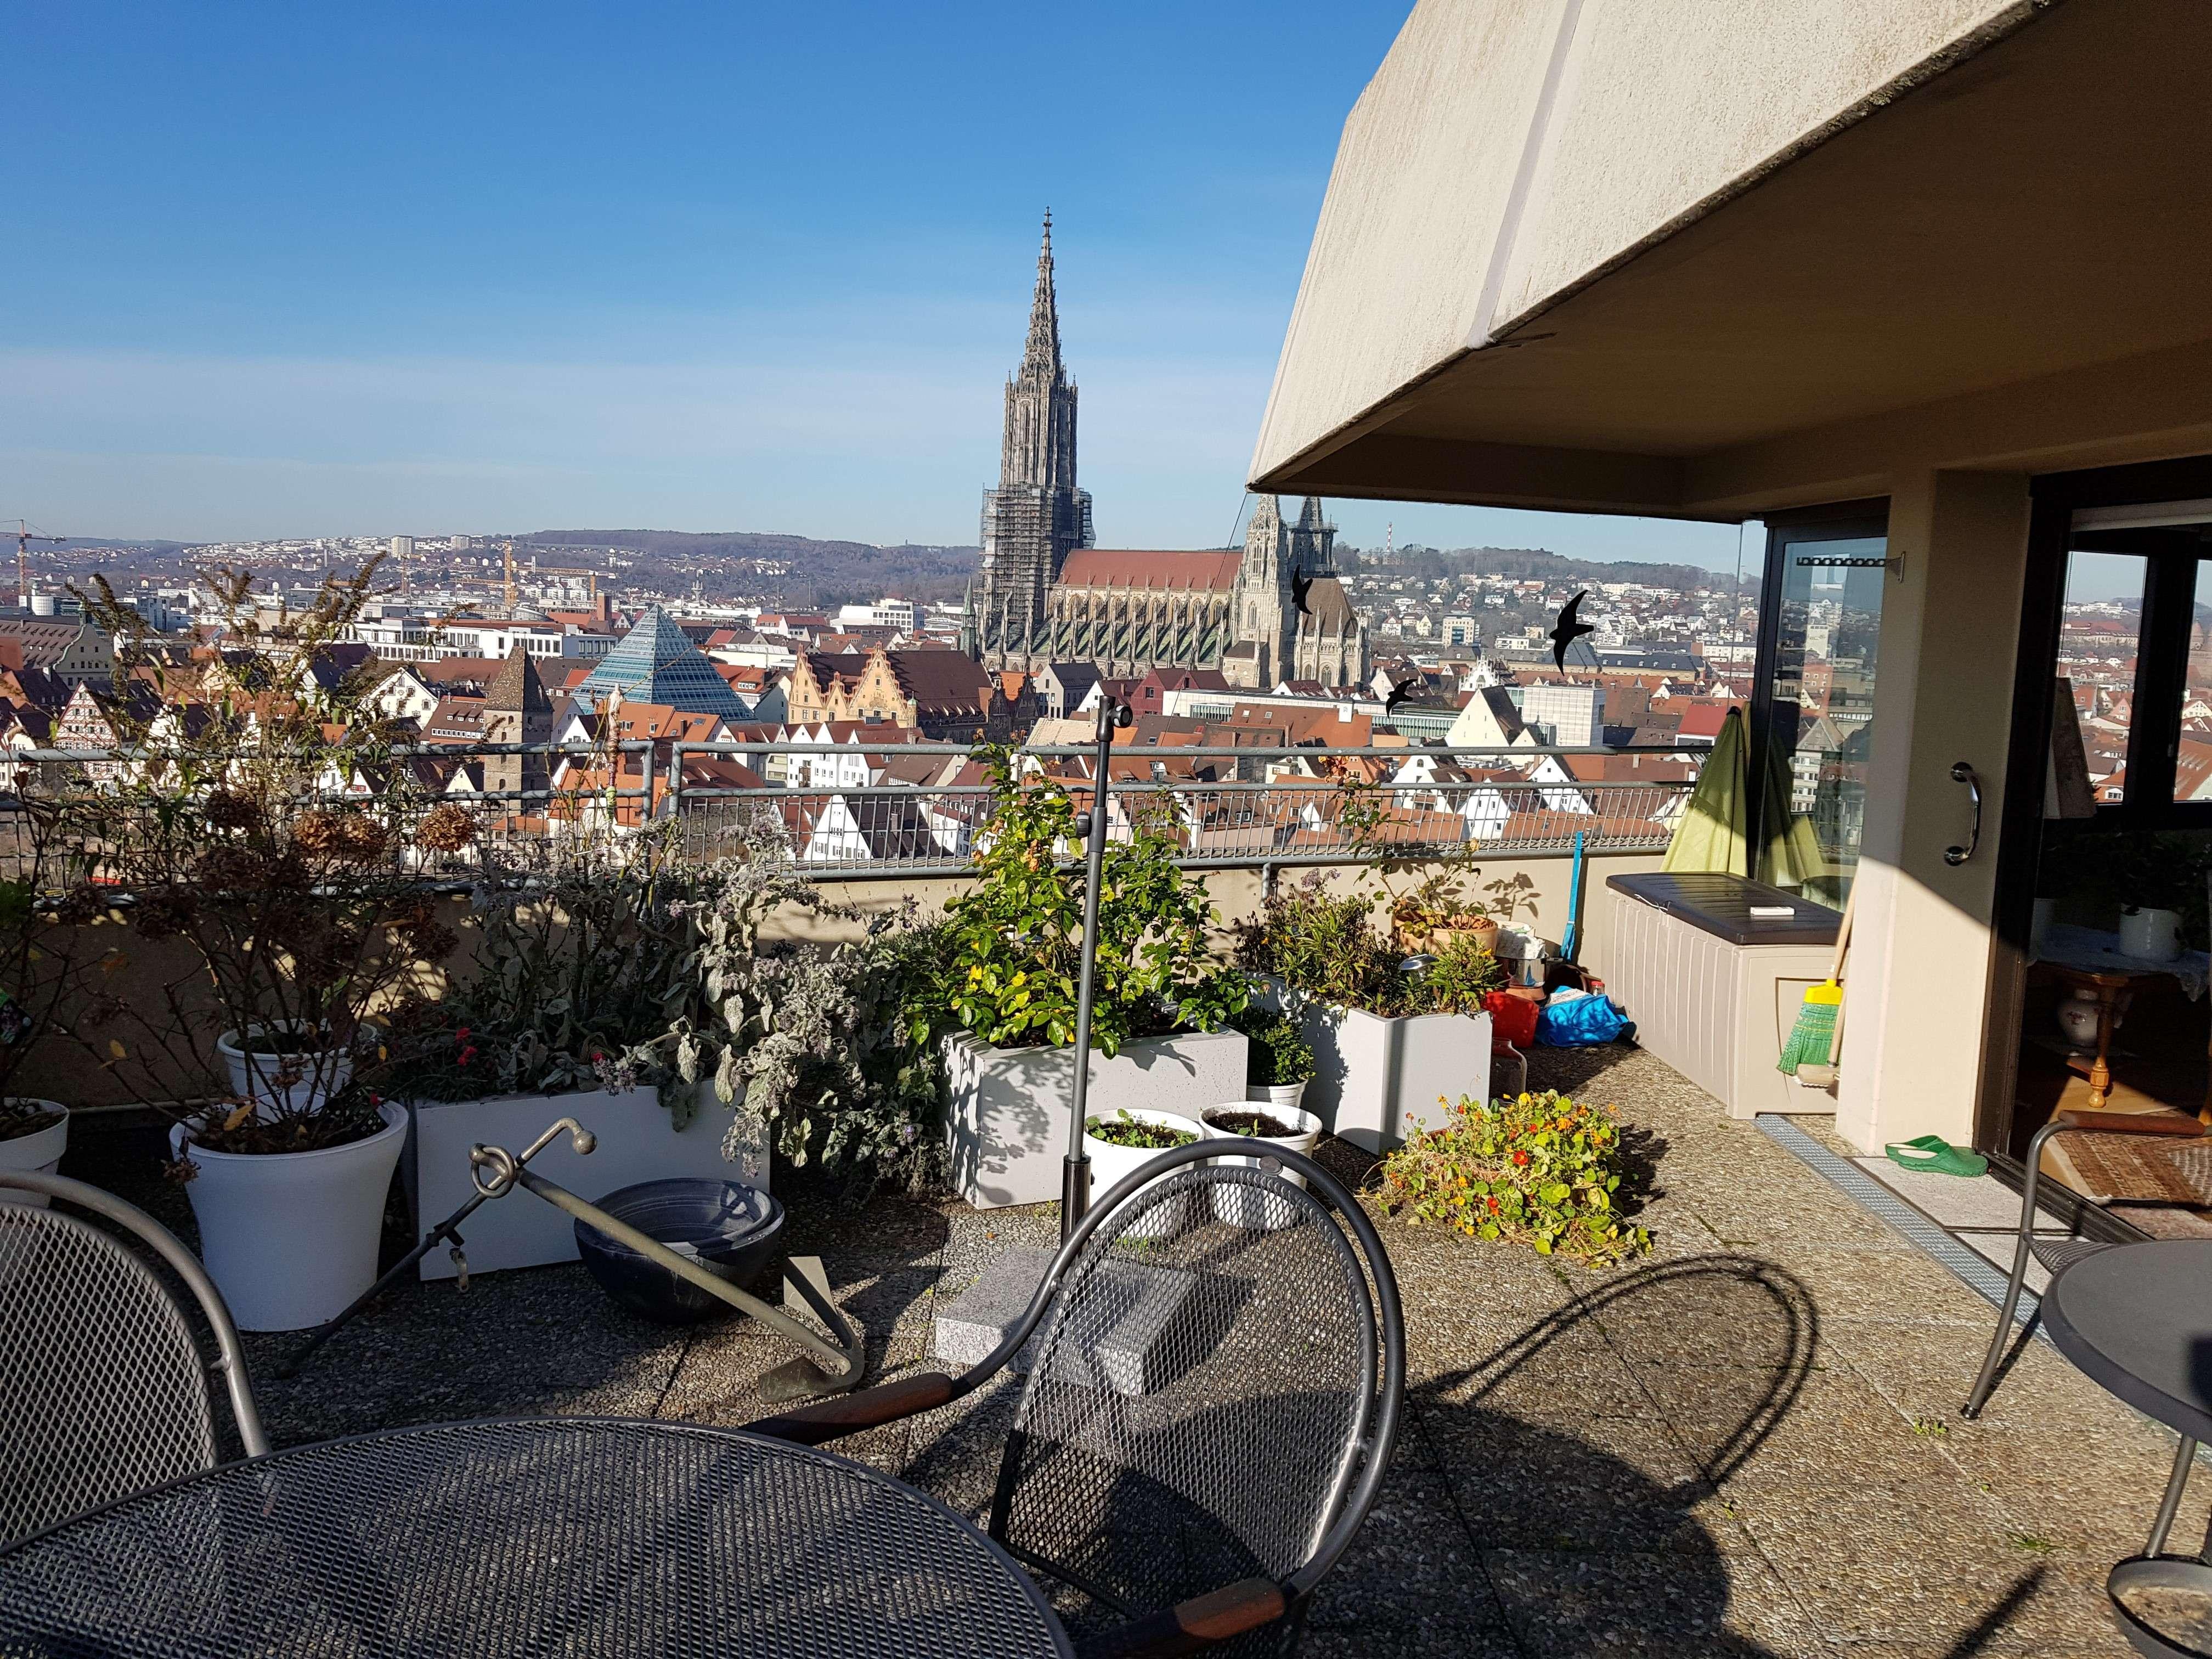 3 Zimmer Wohnung mit großer Terrasse und Ulmer Münster- / Donaublick in